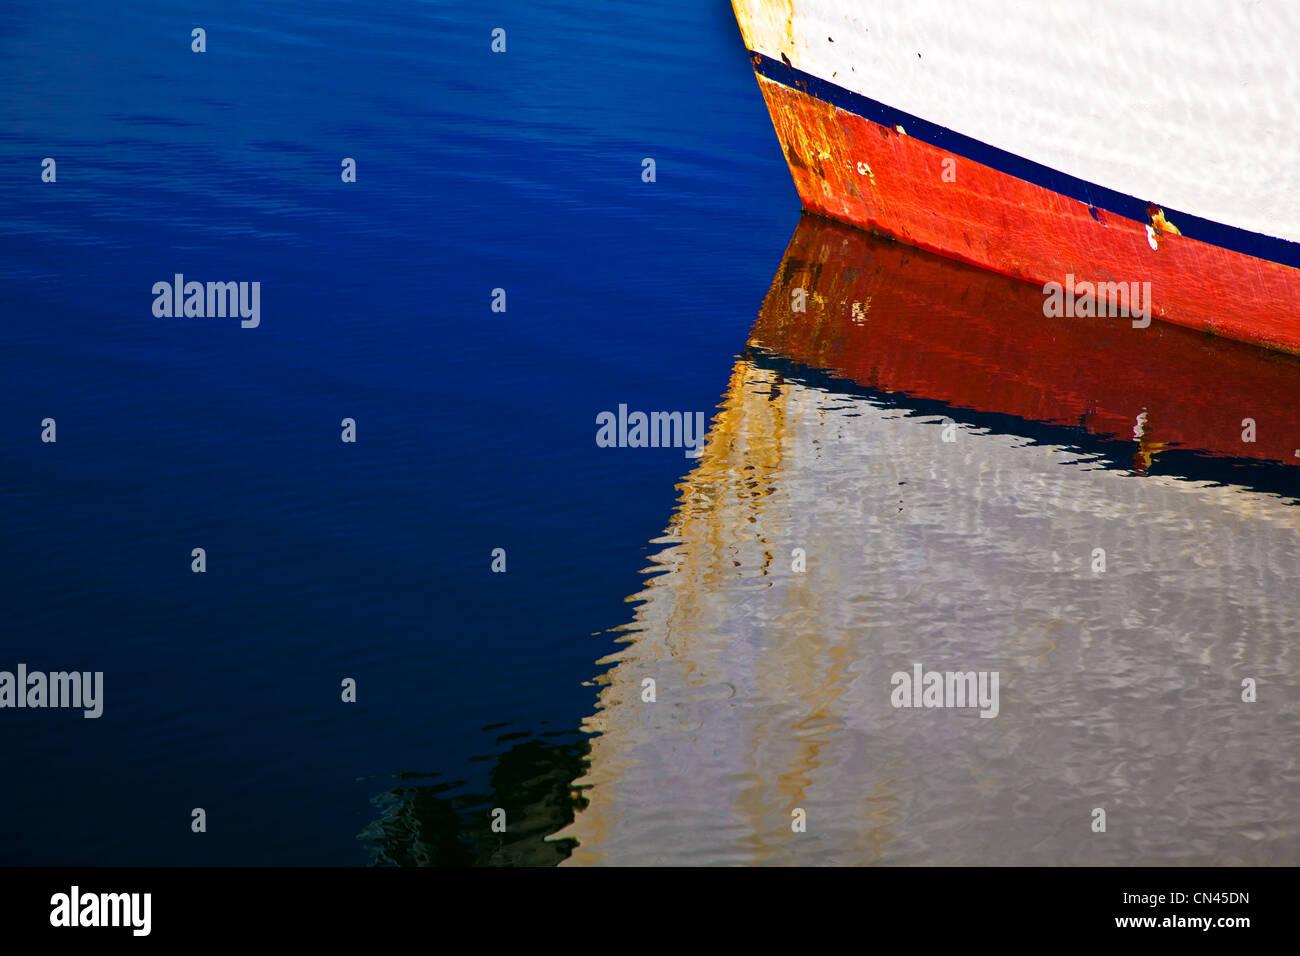 La reflexión de arco en barco en el agua Imagen De Stock